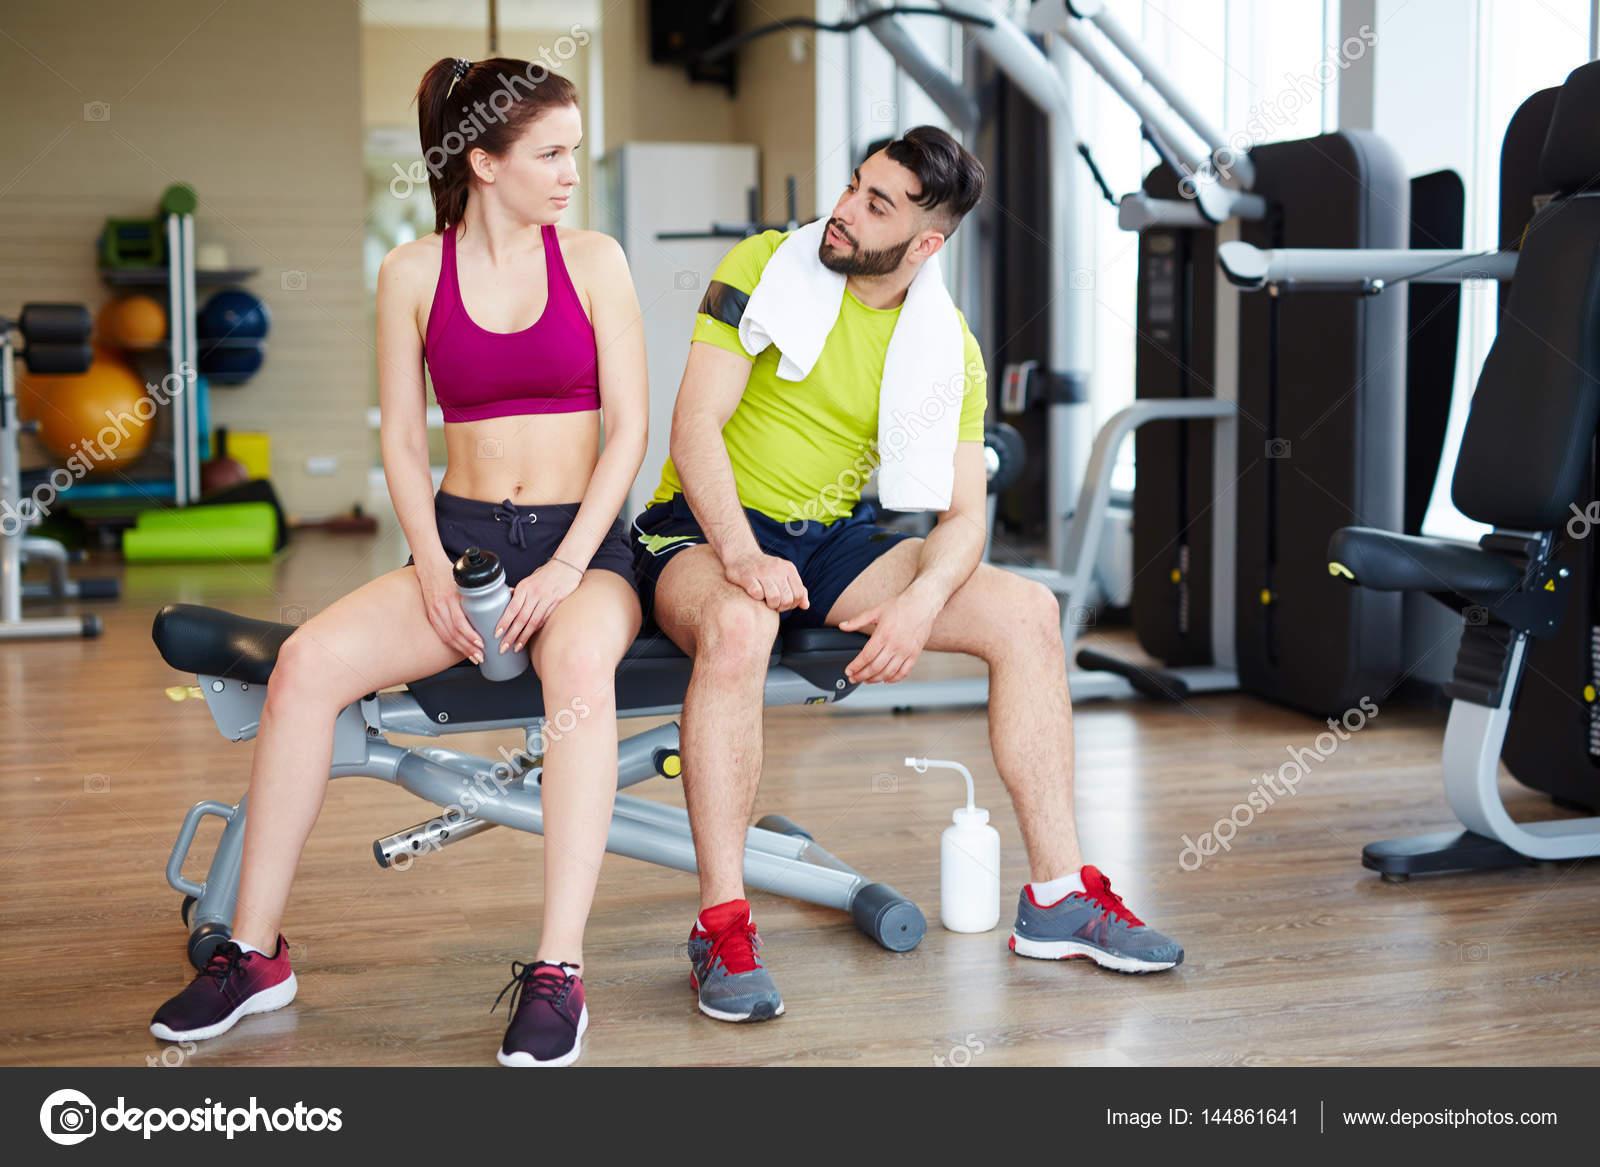 569daf199aee Giovane e donna sia indossando abbigliamento sportivo brillante che si  siede sulla panca regolabile che riposa dopo l'allenamento con macchine e  guardando ...